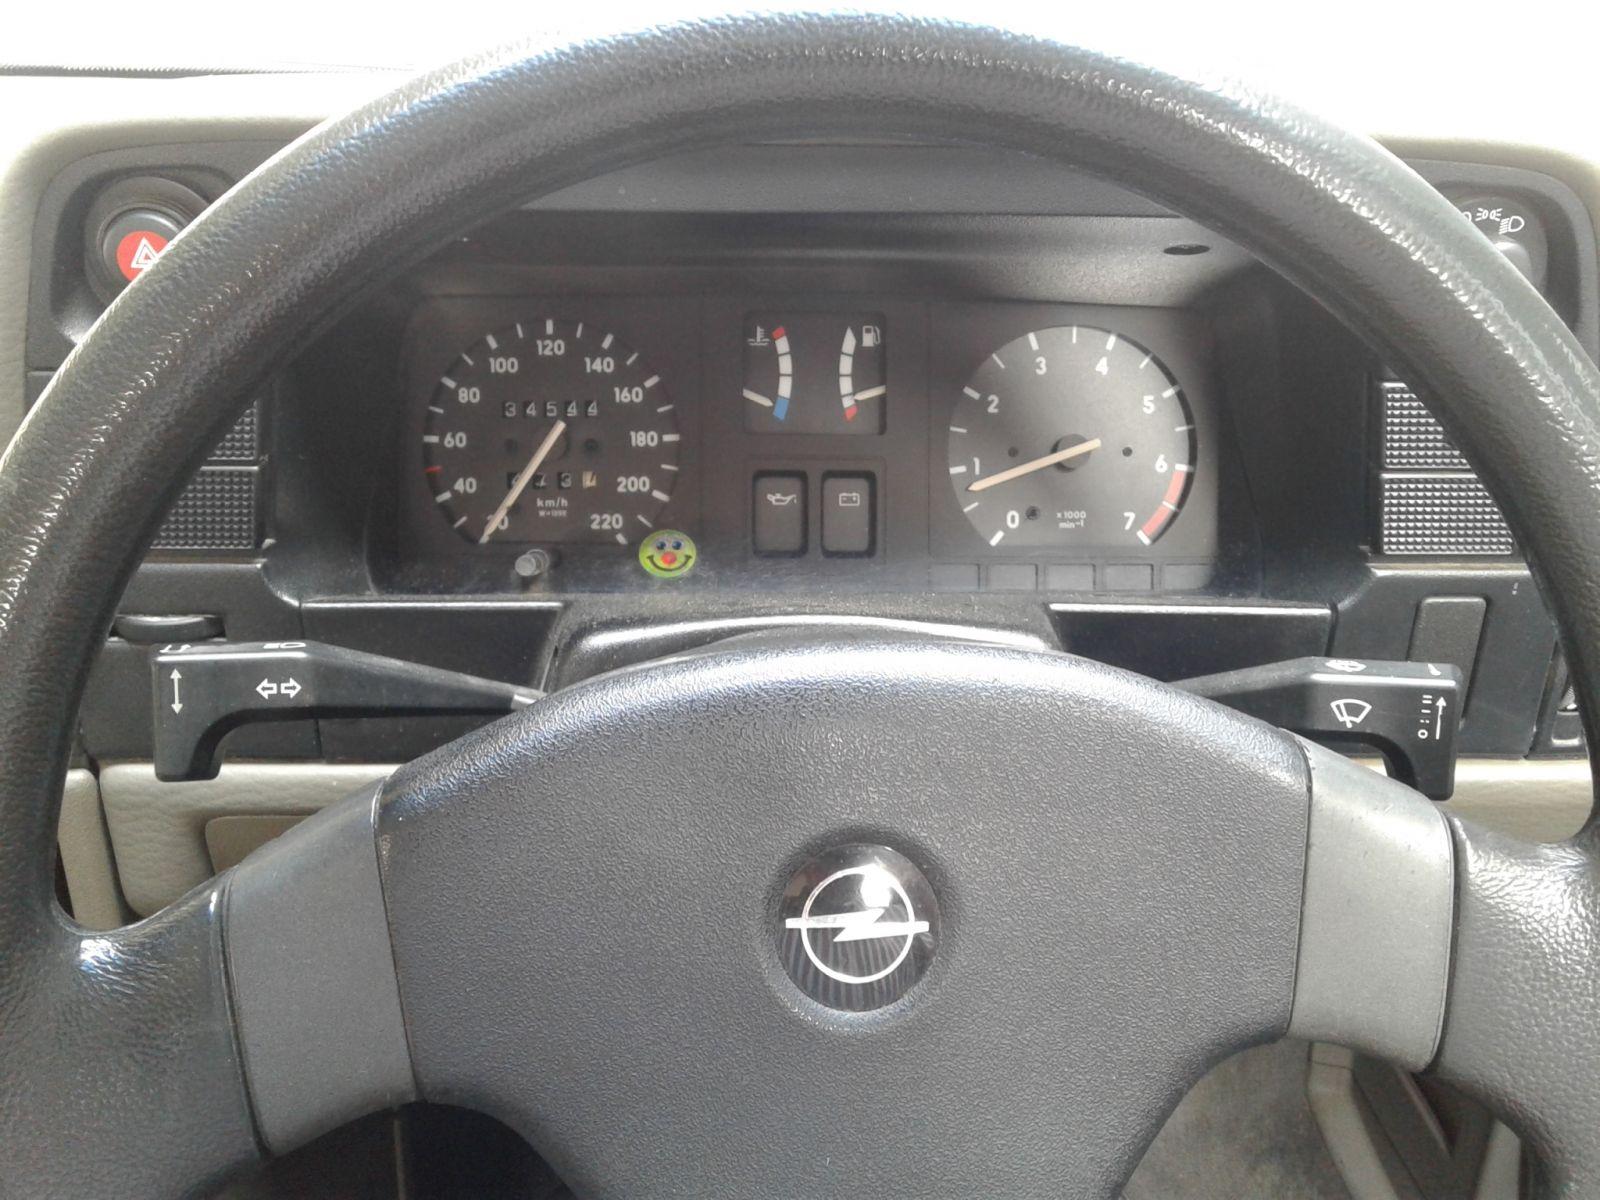 1992 OPEL MONZA MONZA 160 CLS